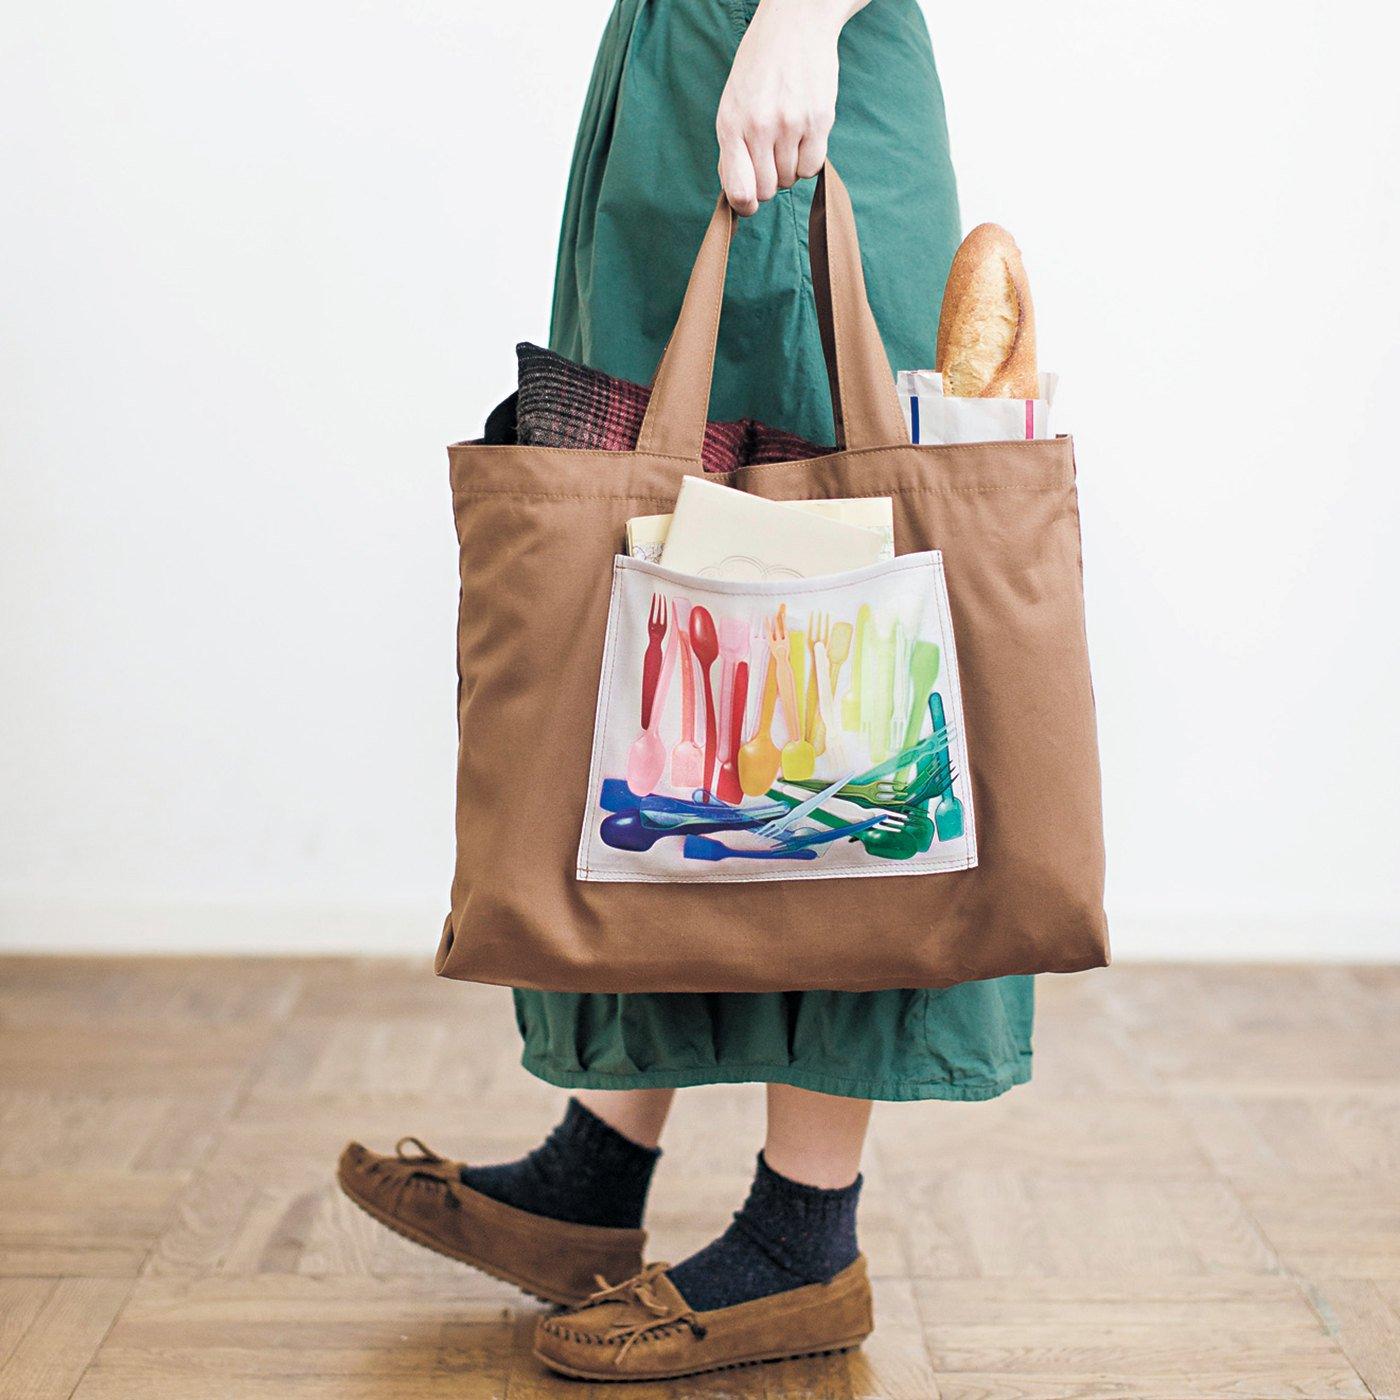 Mrs.f 思わずさわりたくなる「旅のカケラ」を閉じ込めたリアルプリントバッグ